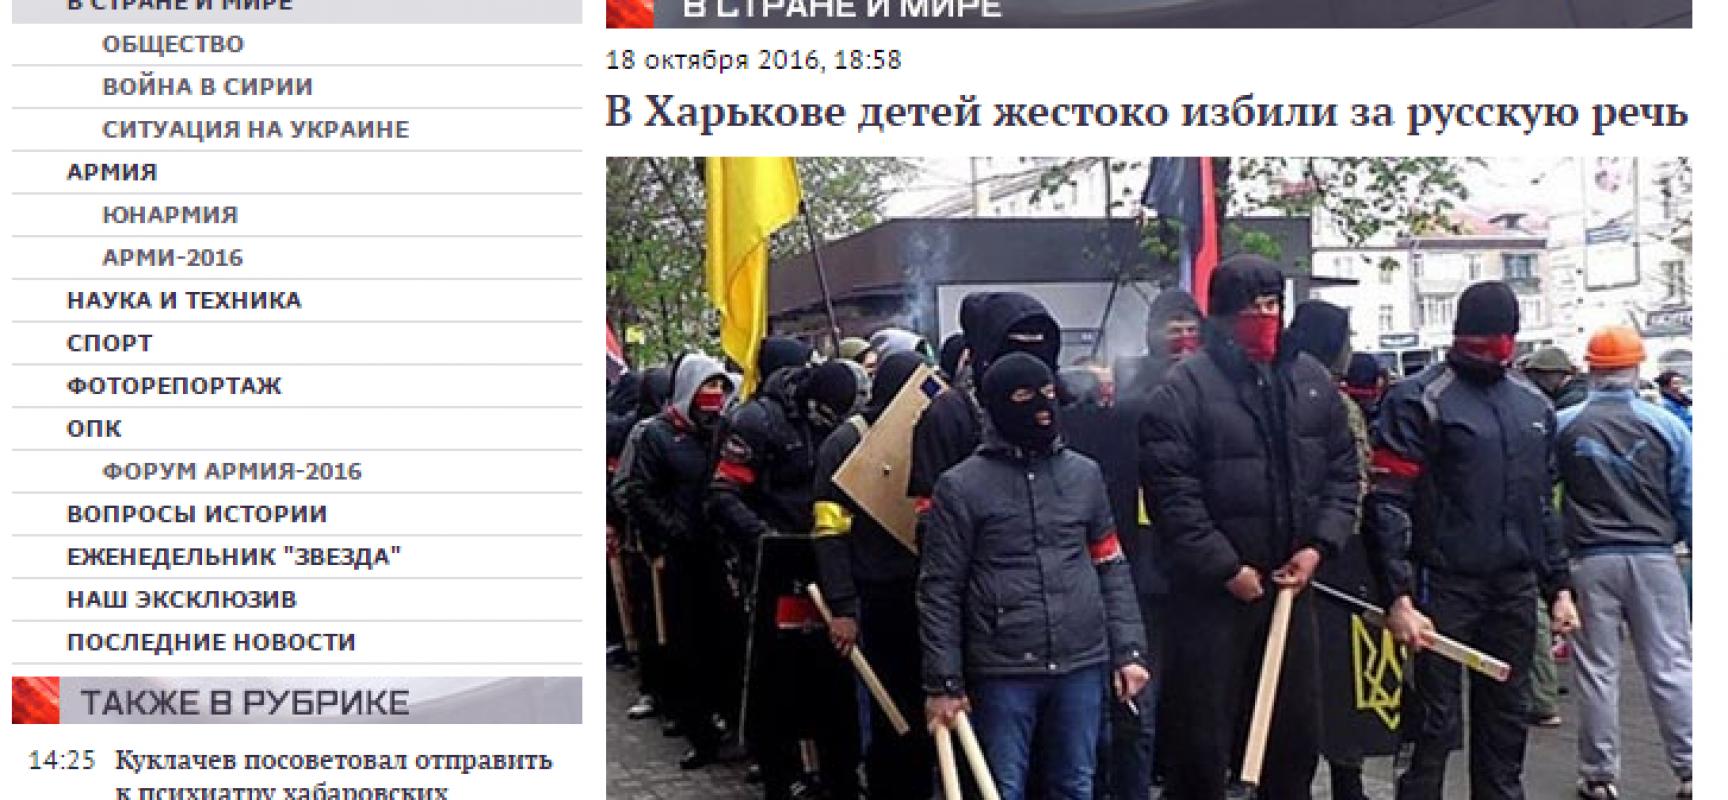 Fake : militanti di Pravj Sektor picchiano dei bambini perchè parlano russo